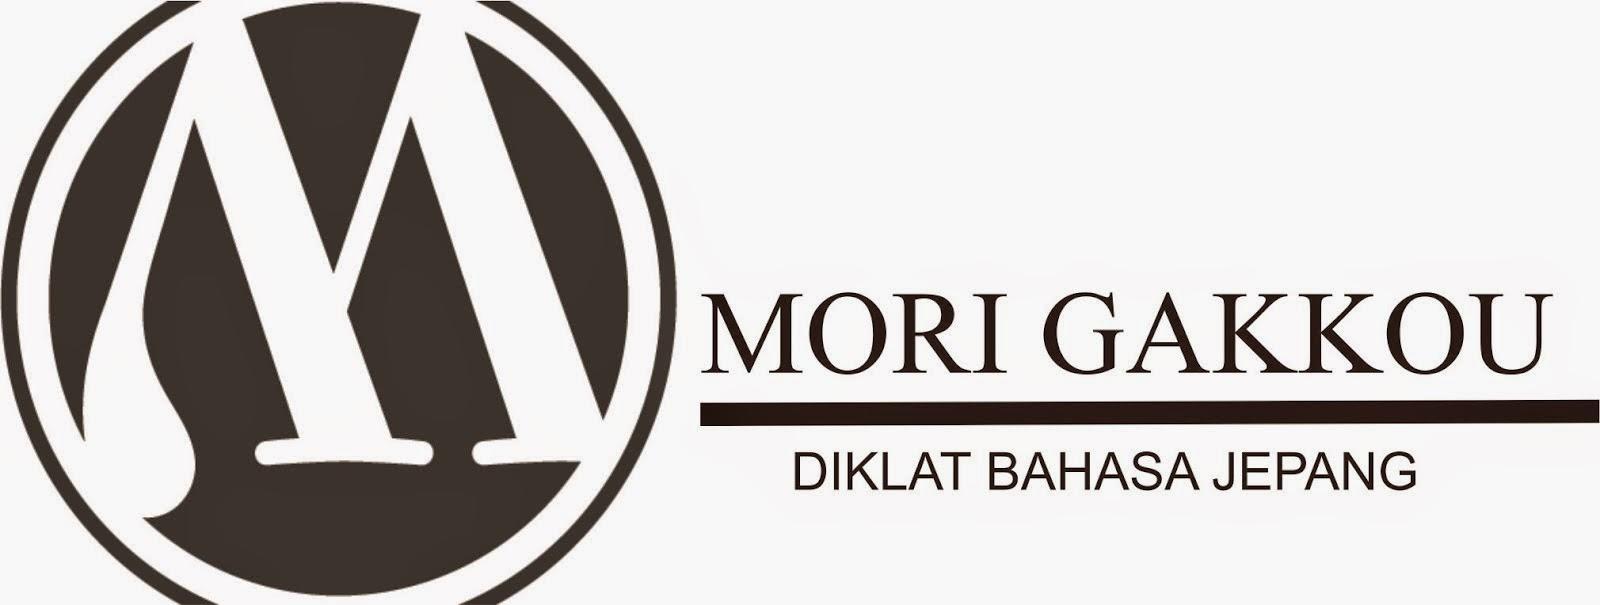 MORI GAKKOU